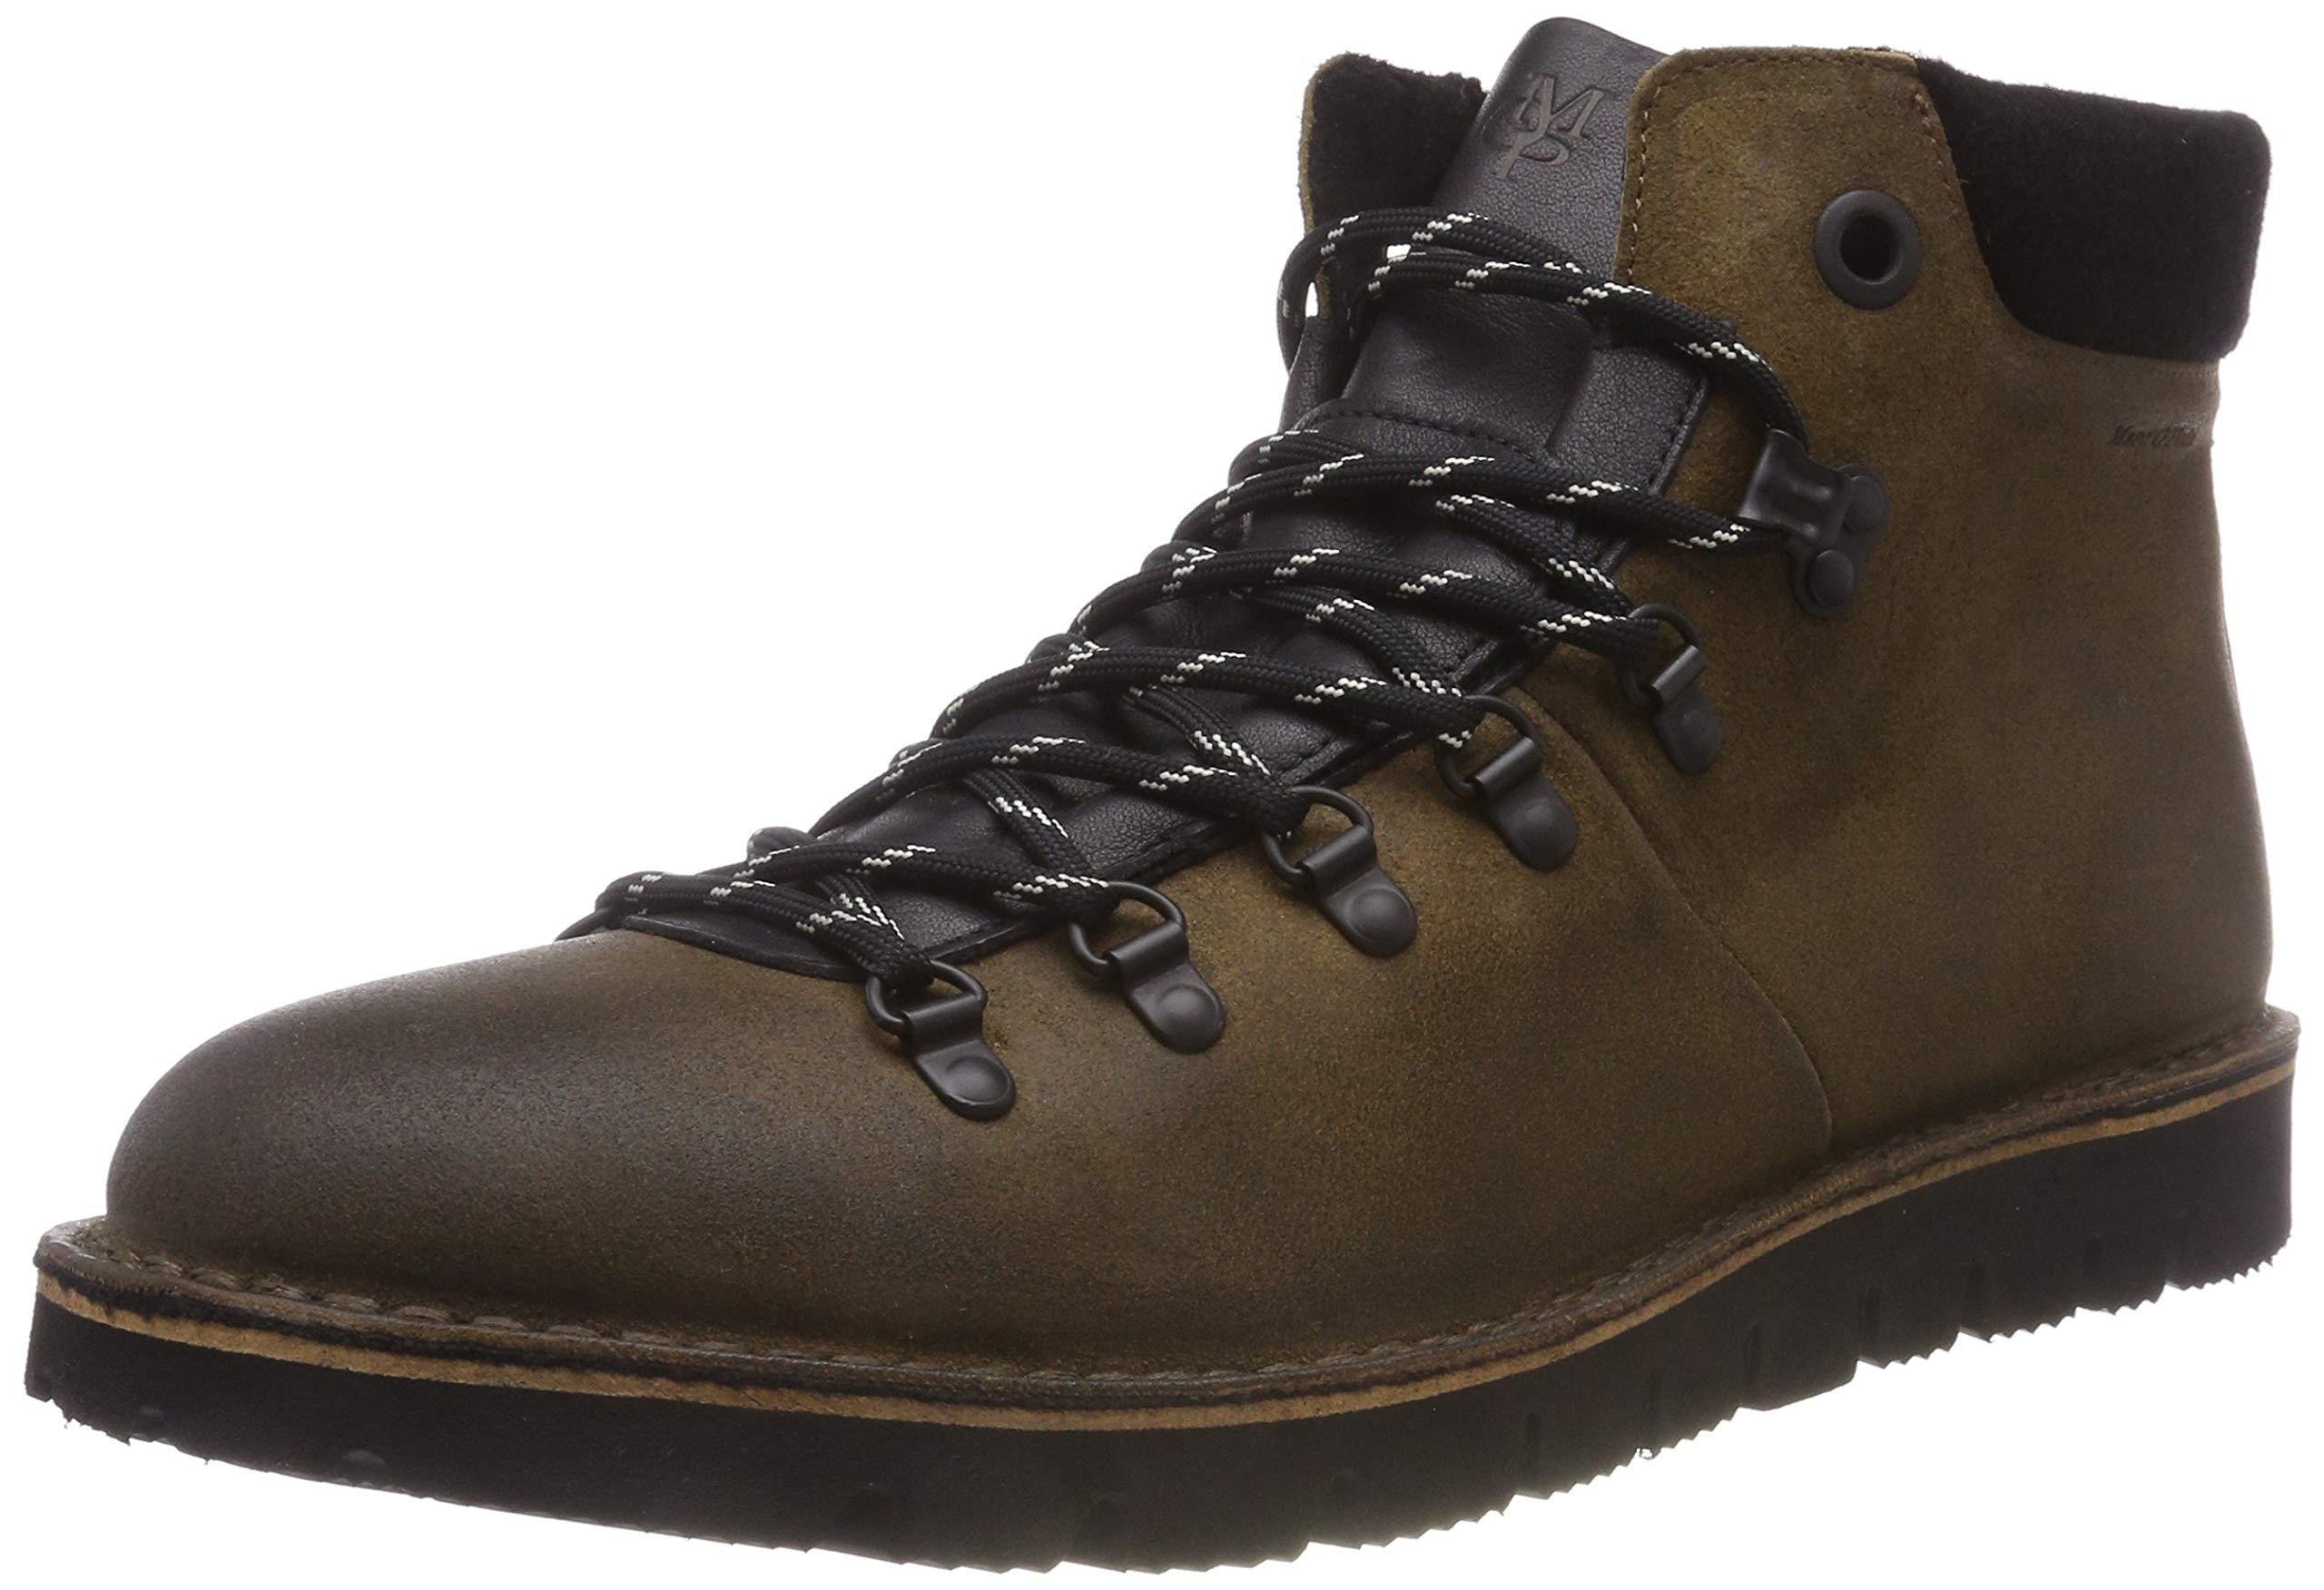 O'polo Chukka HommeMarronoliv Eu Boots Marc 41543 OZukPTXi